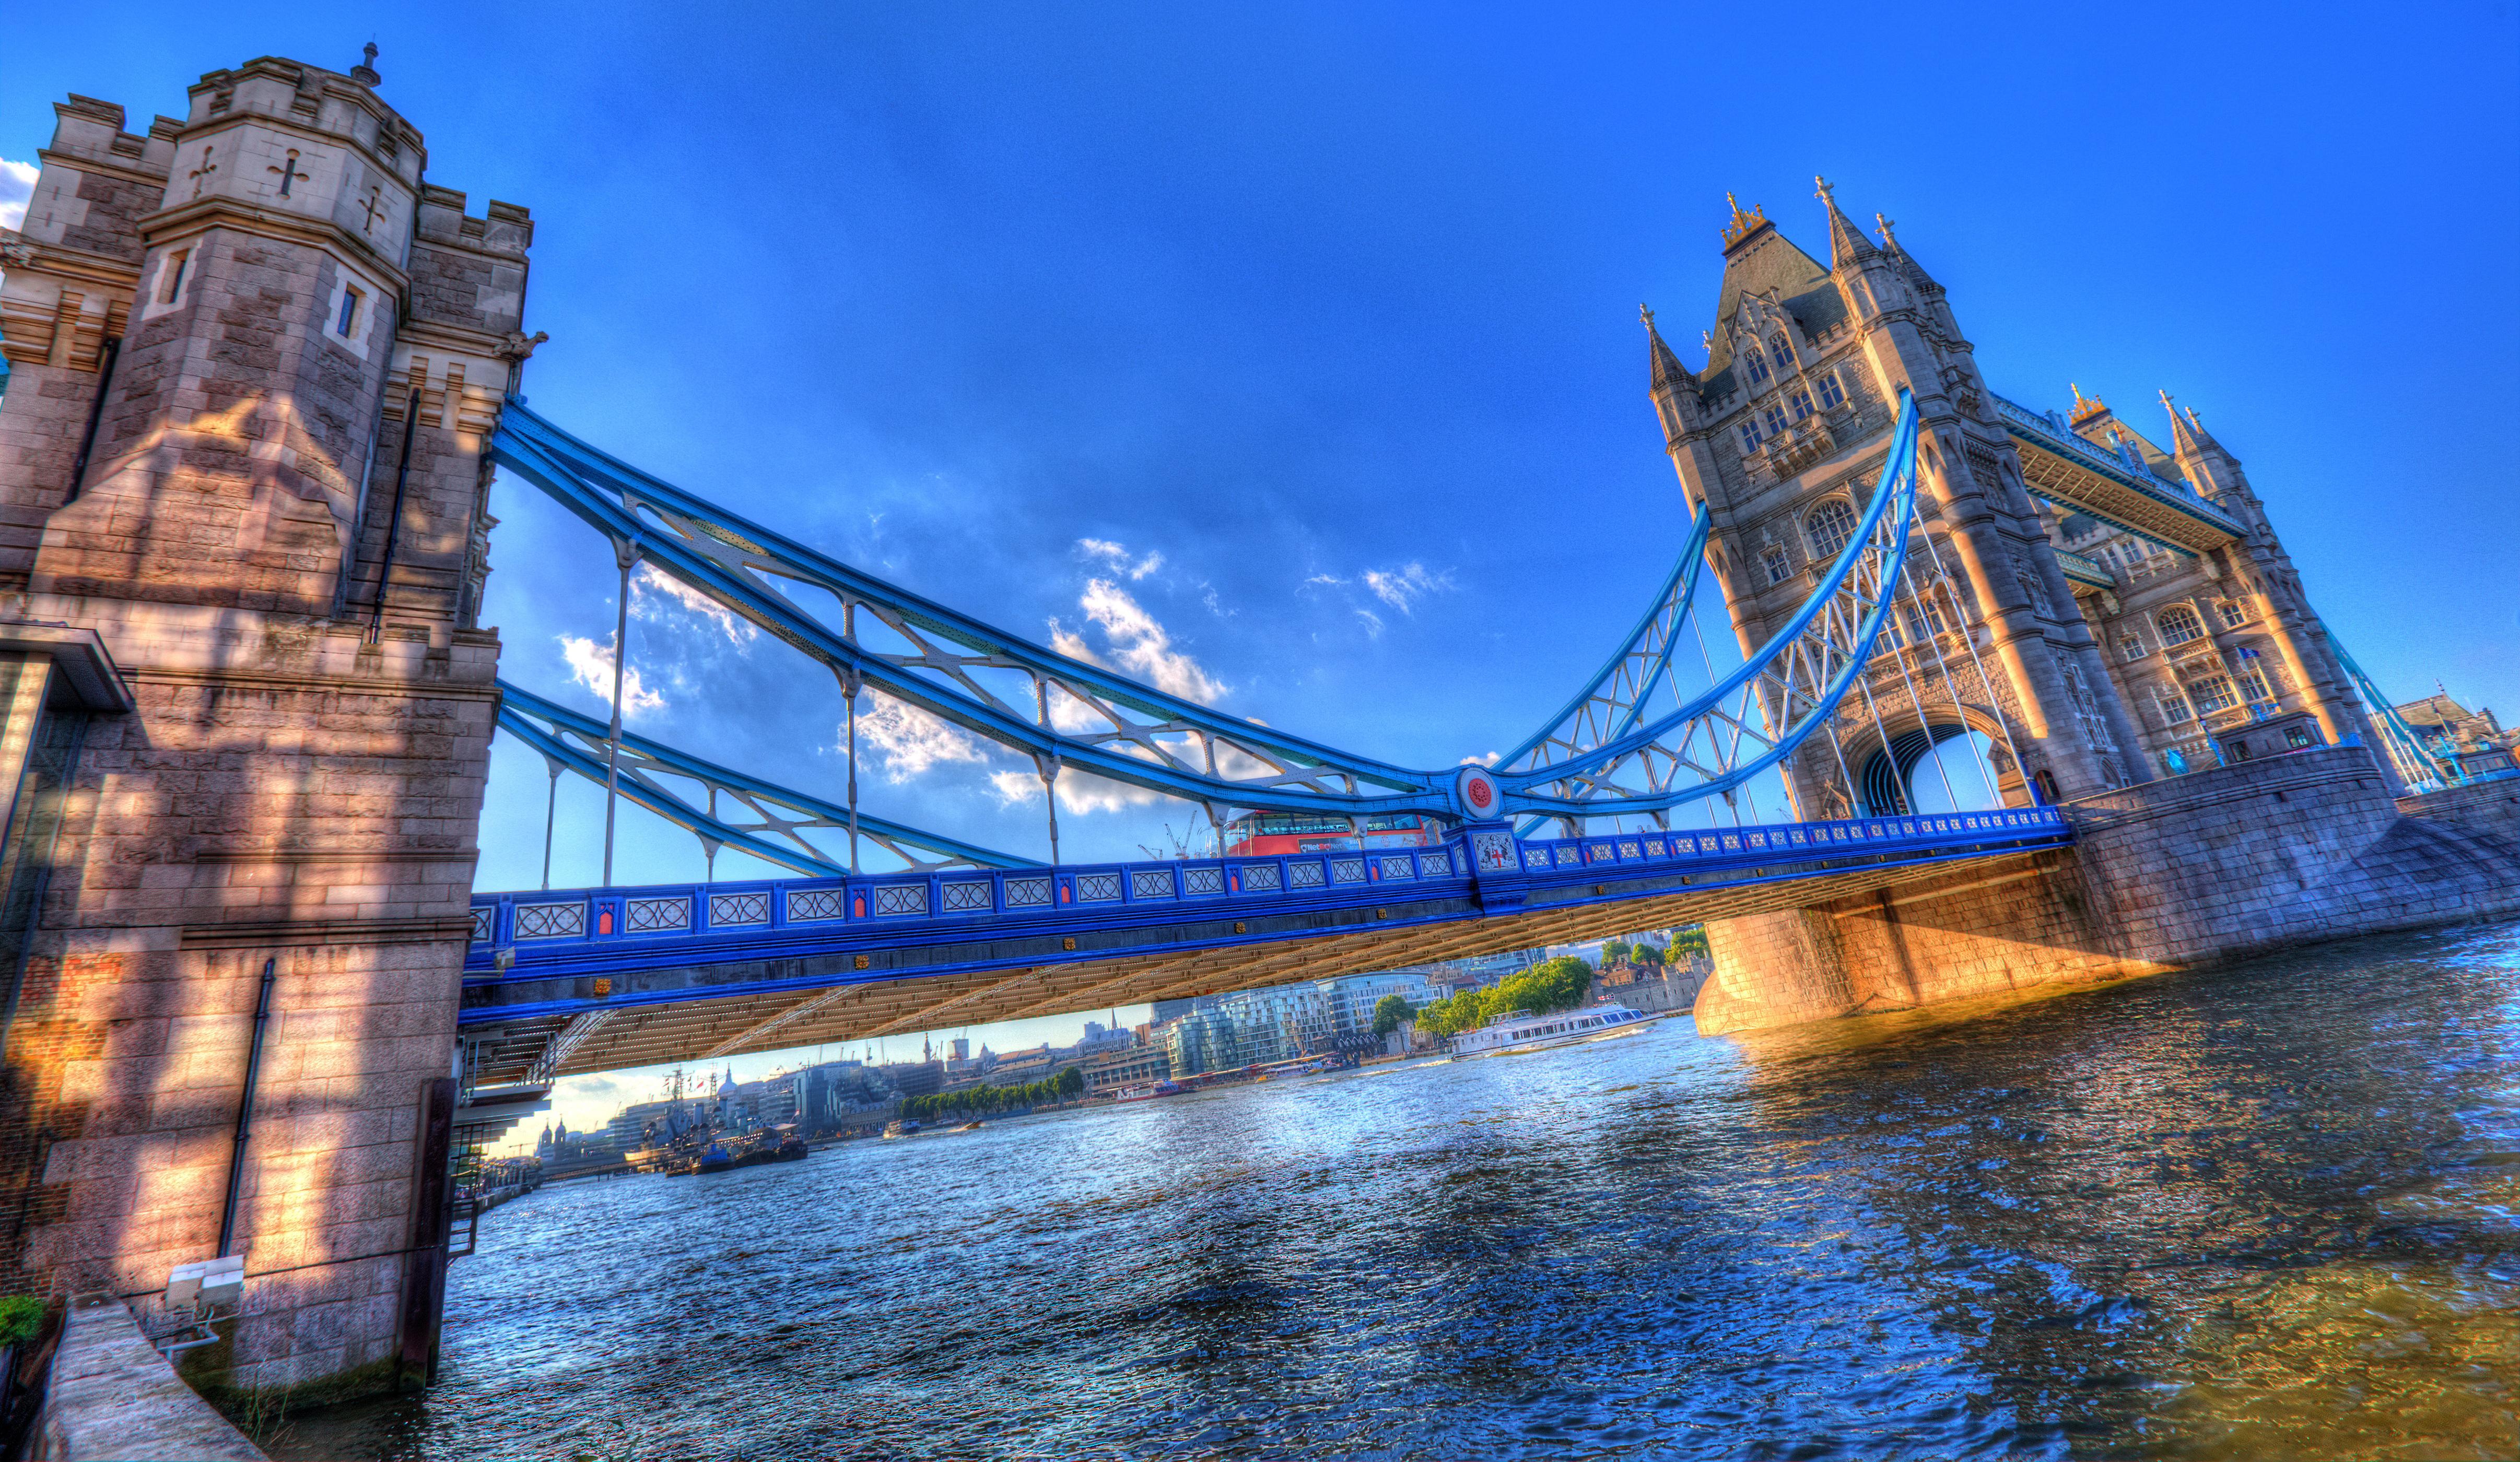 страны архитектура Лондон Англия  № 573730 бесплатно